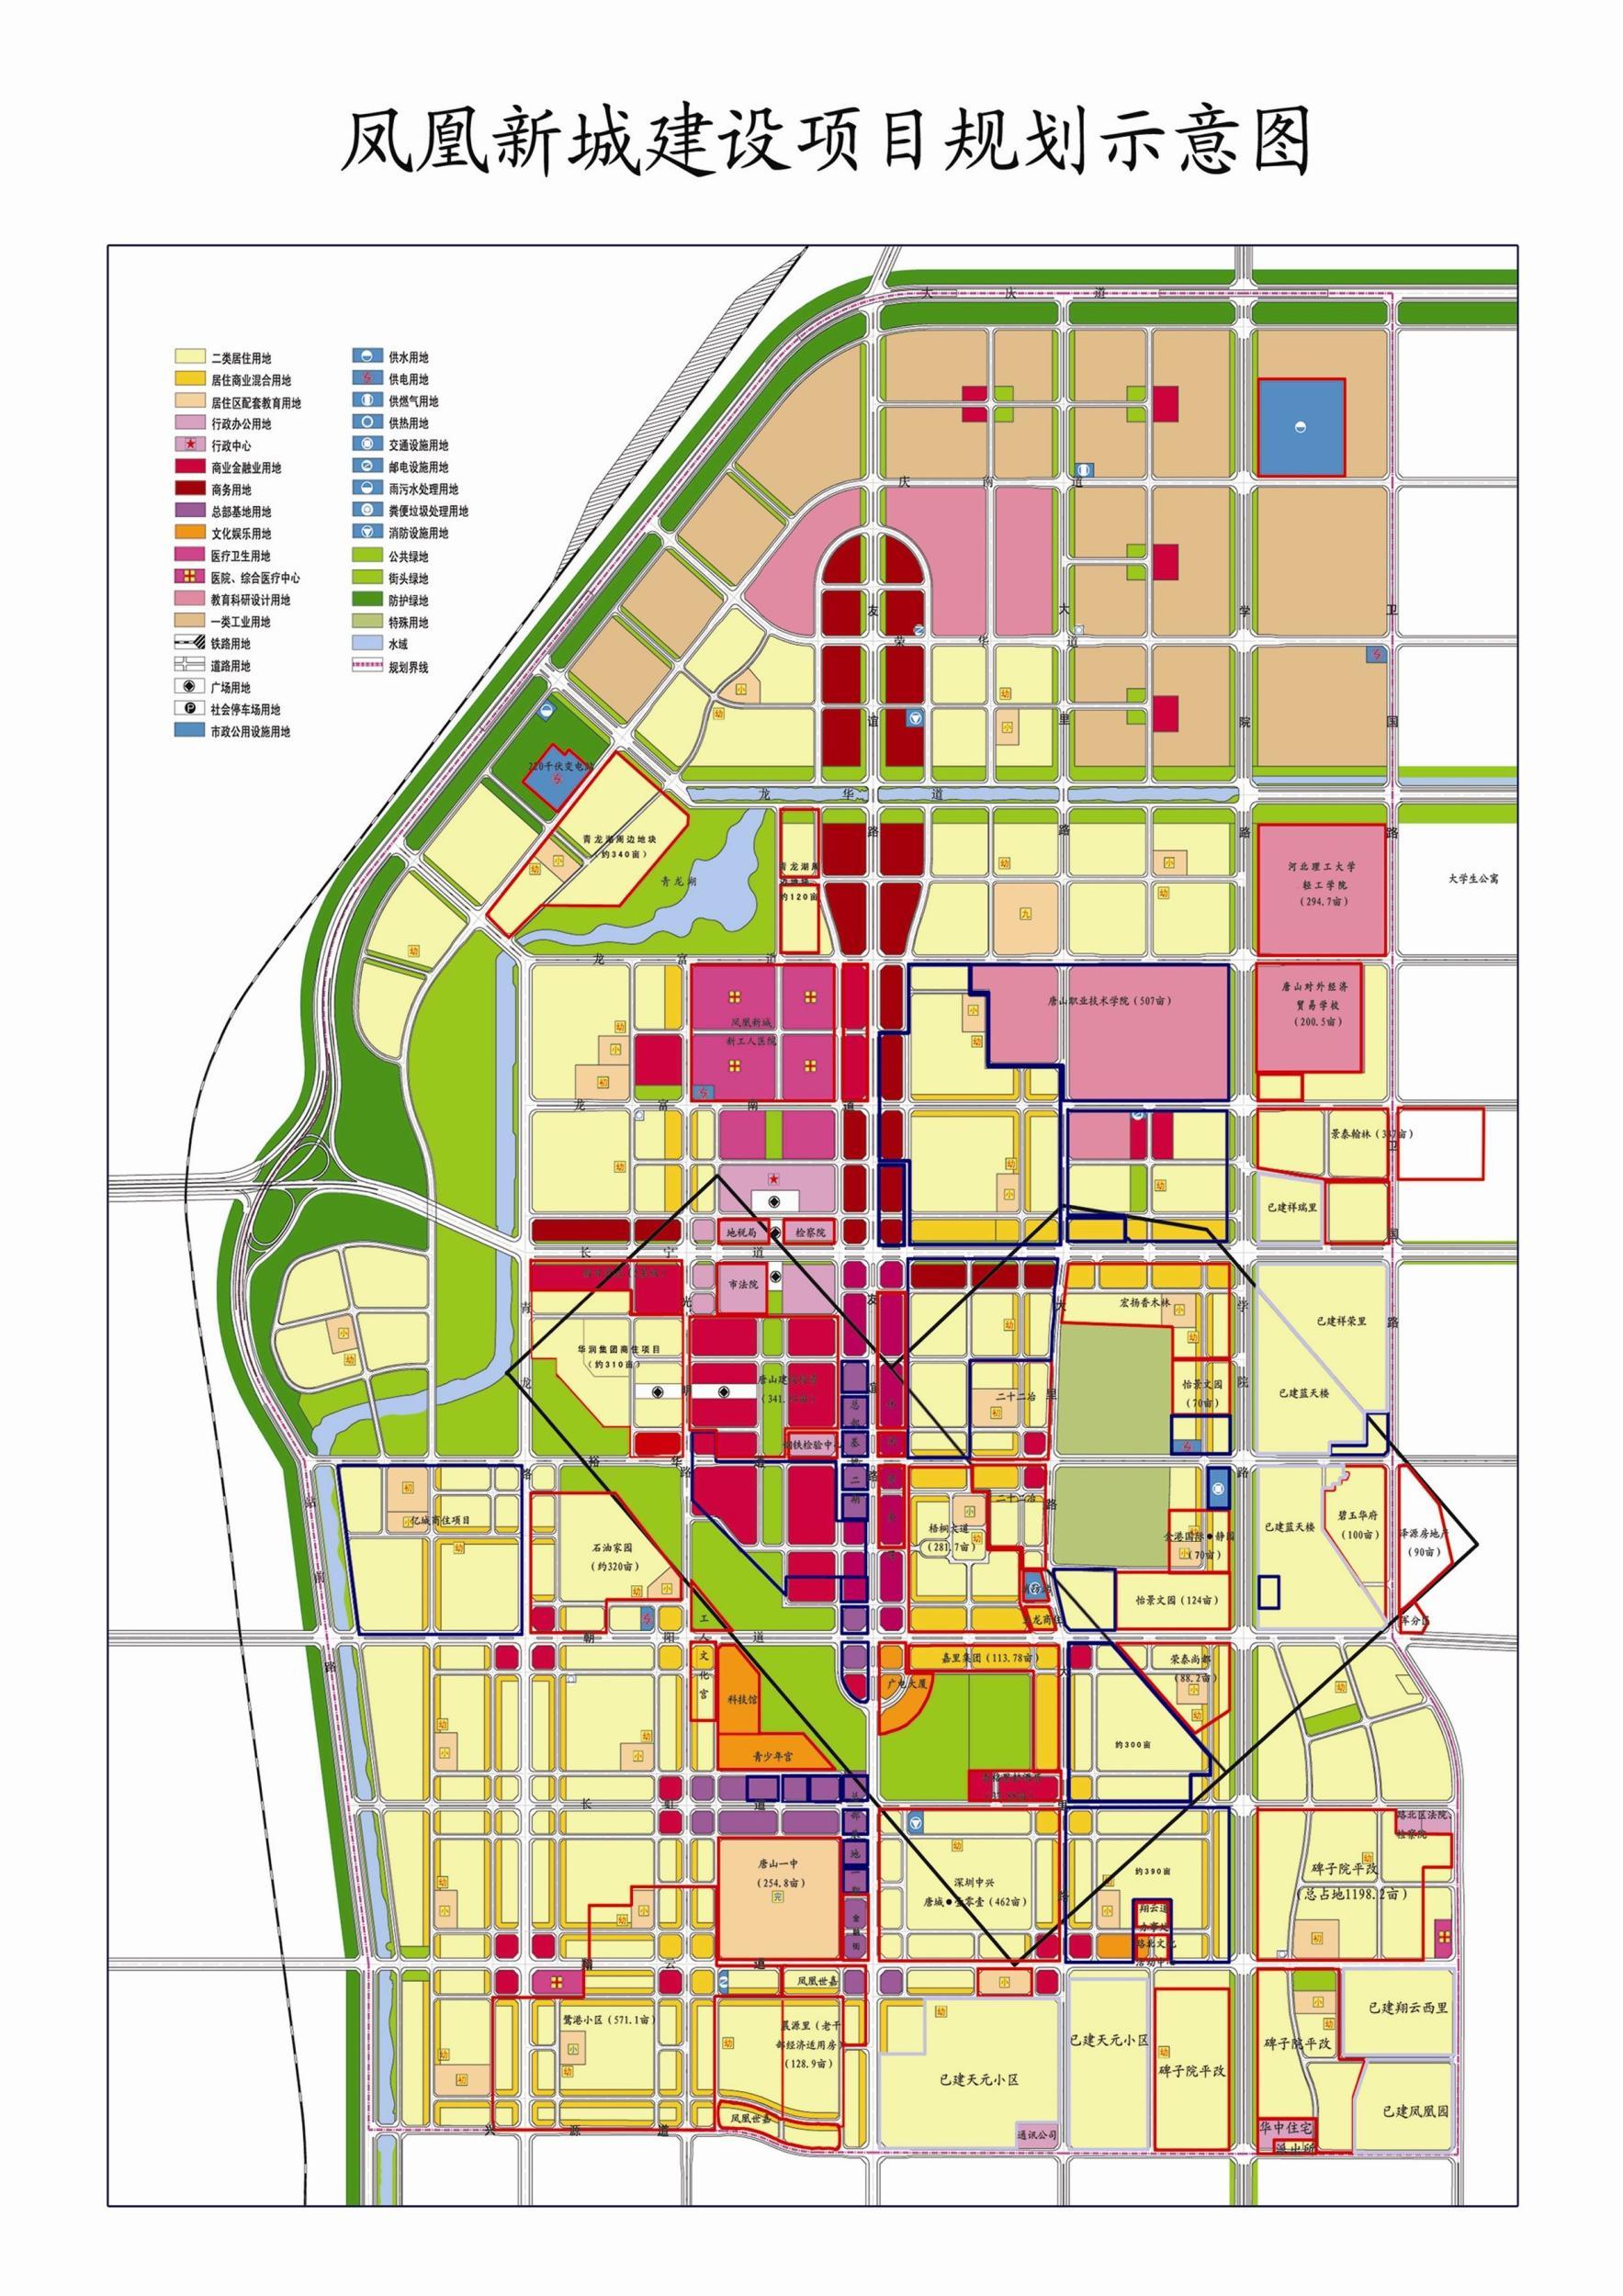 唐山城市总体规划图_城市规划_唐山环渤海新闻网